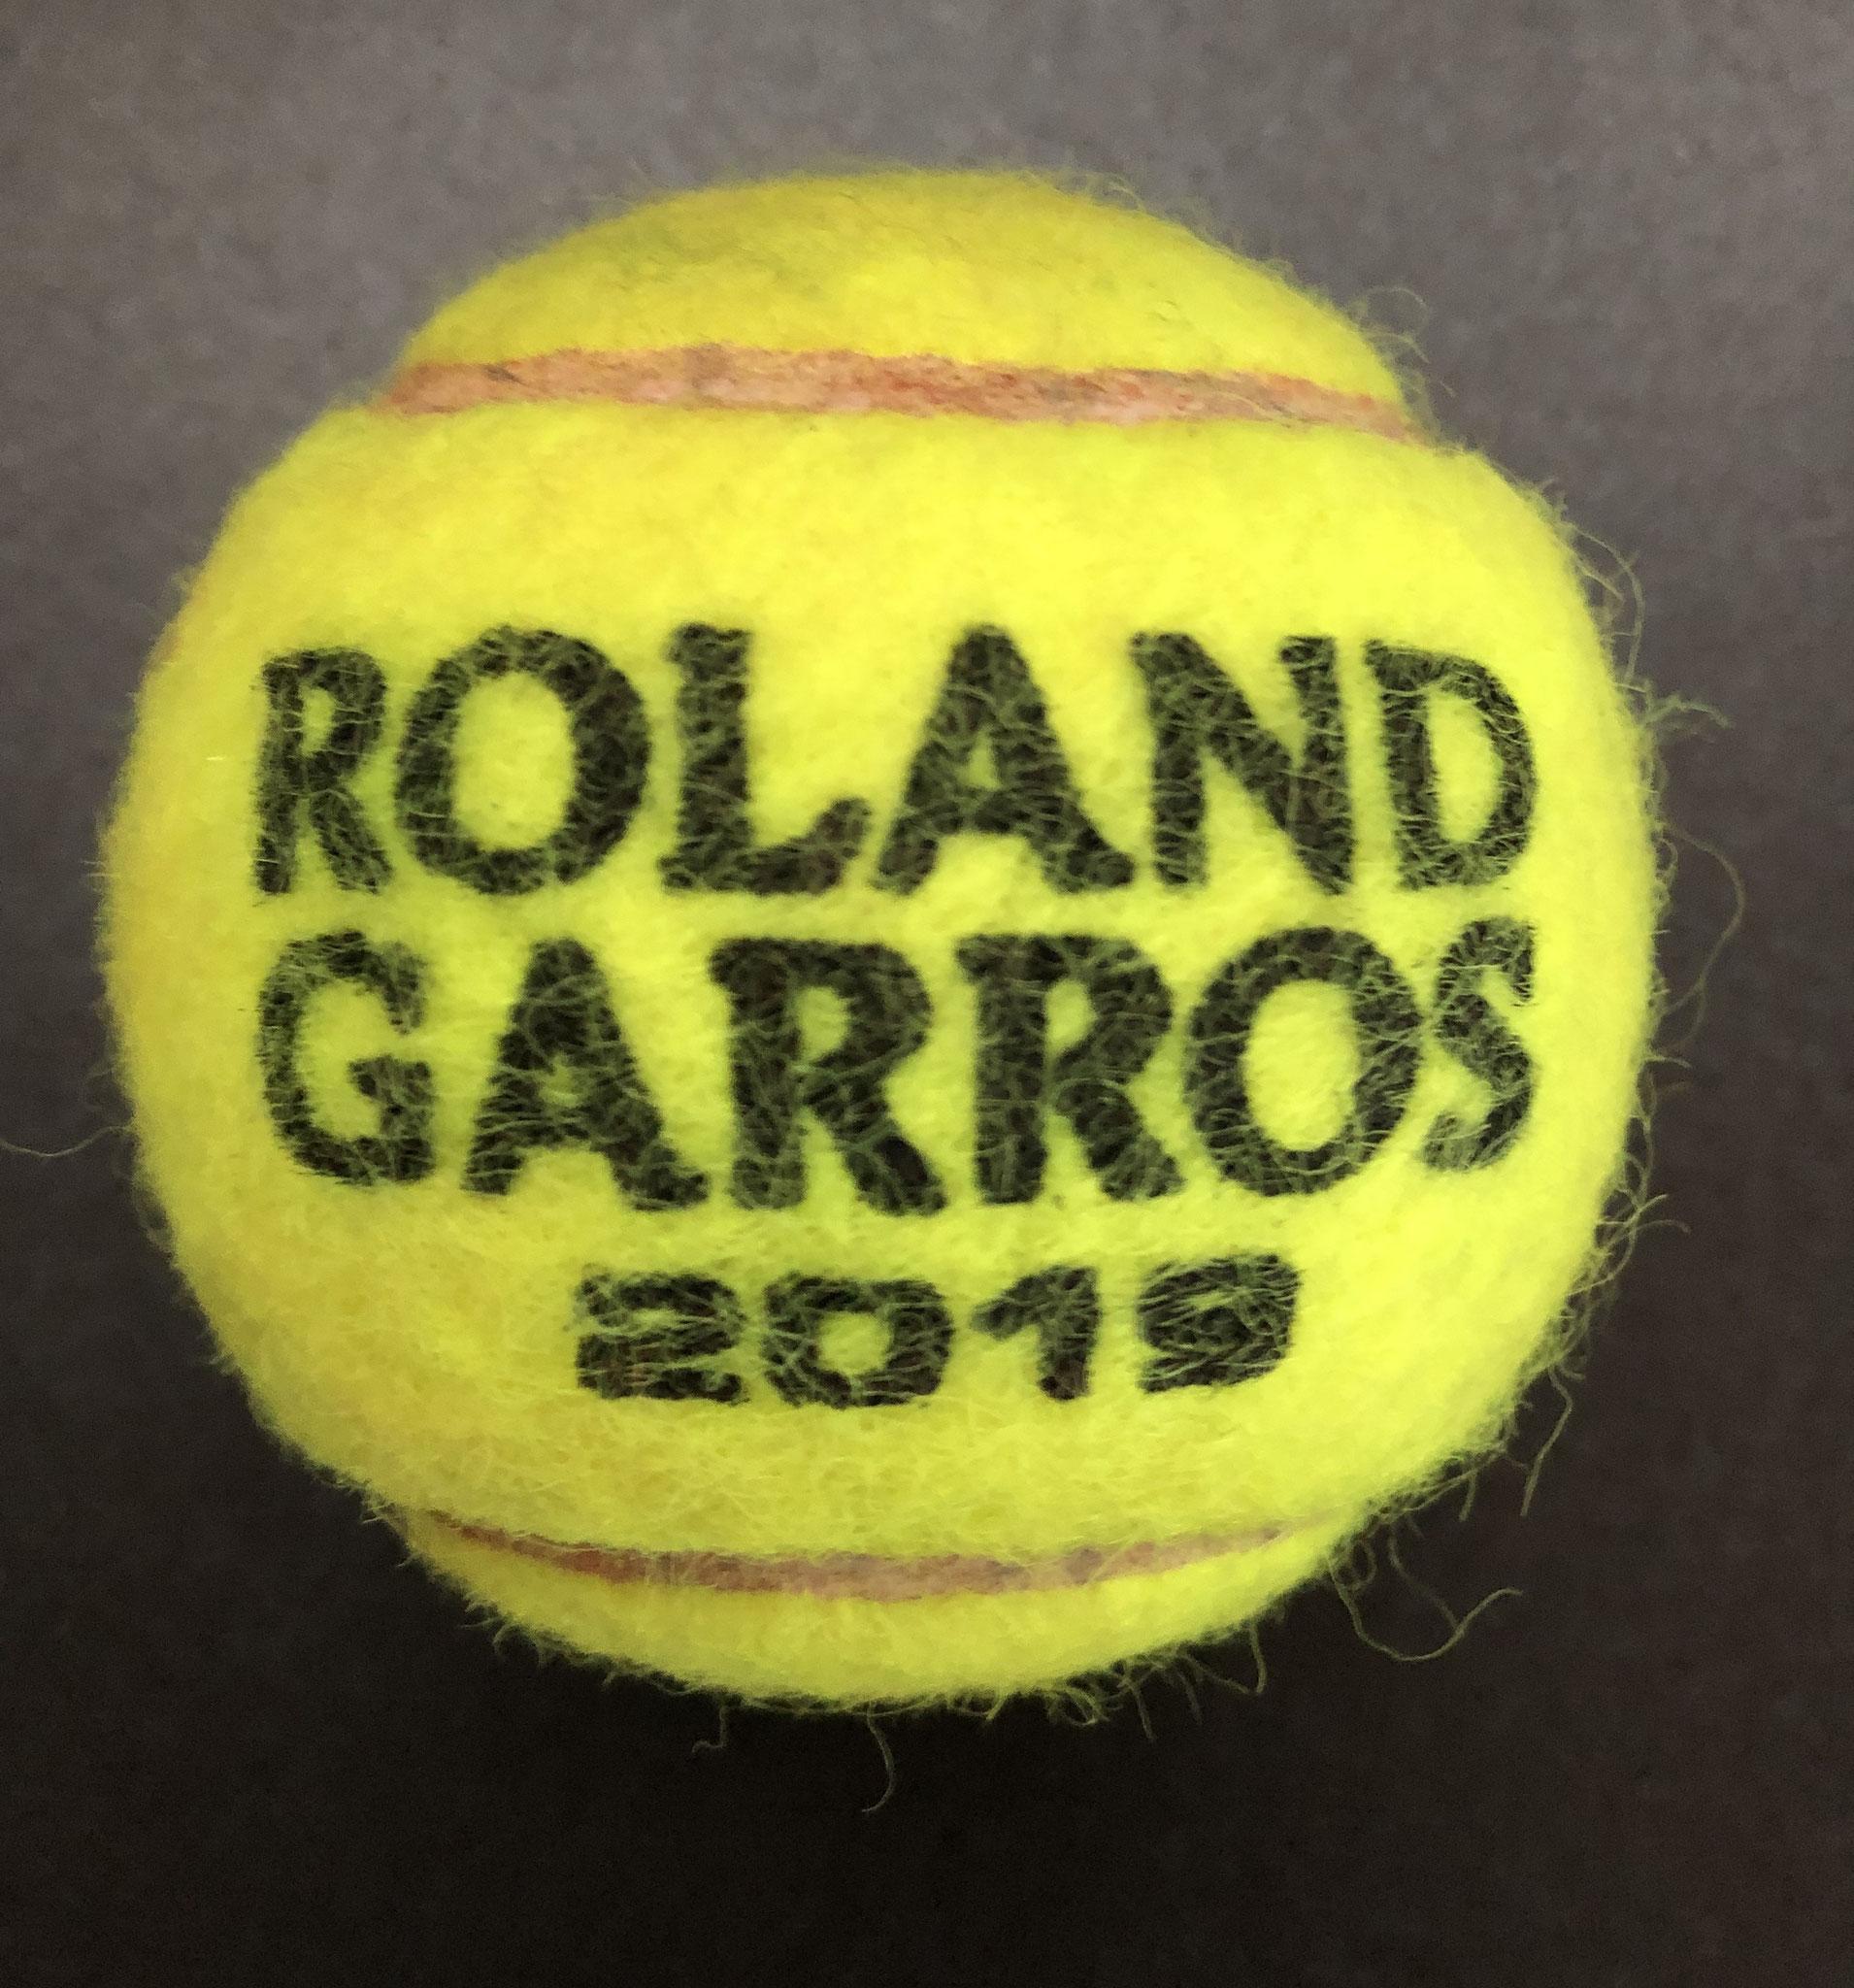 Roland Garros 2019, ich komme.